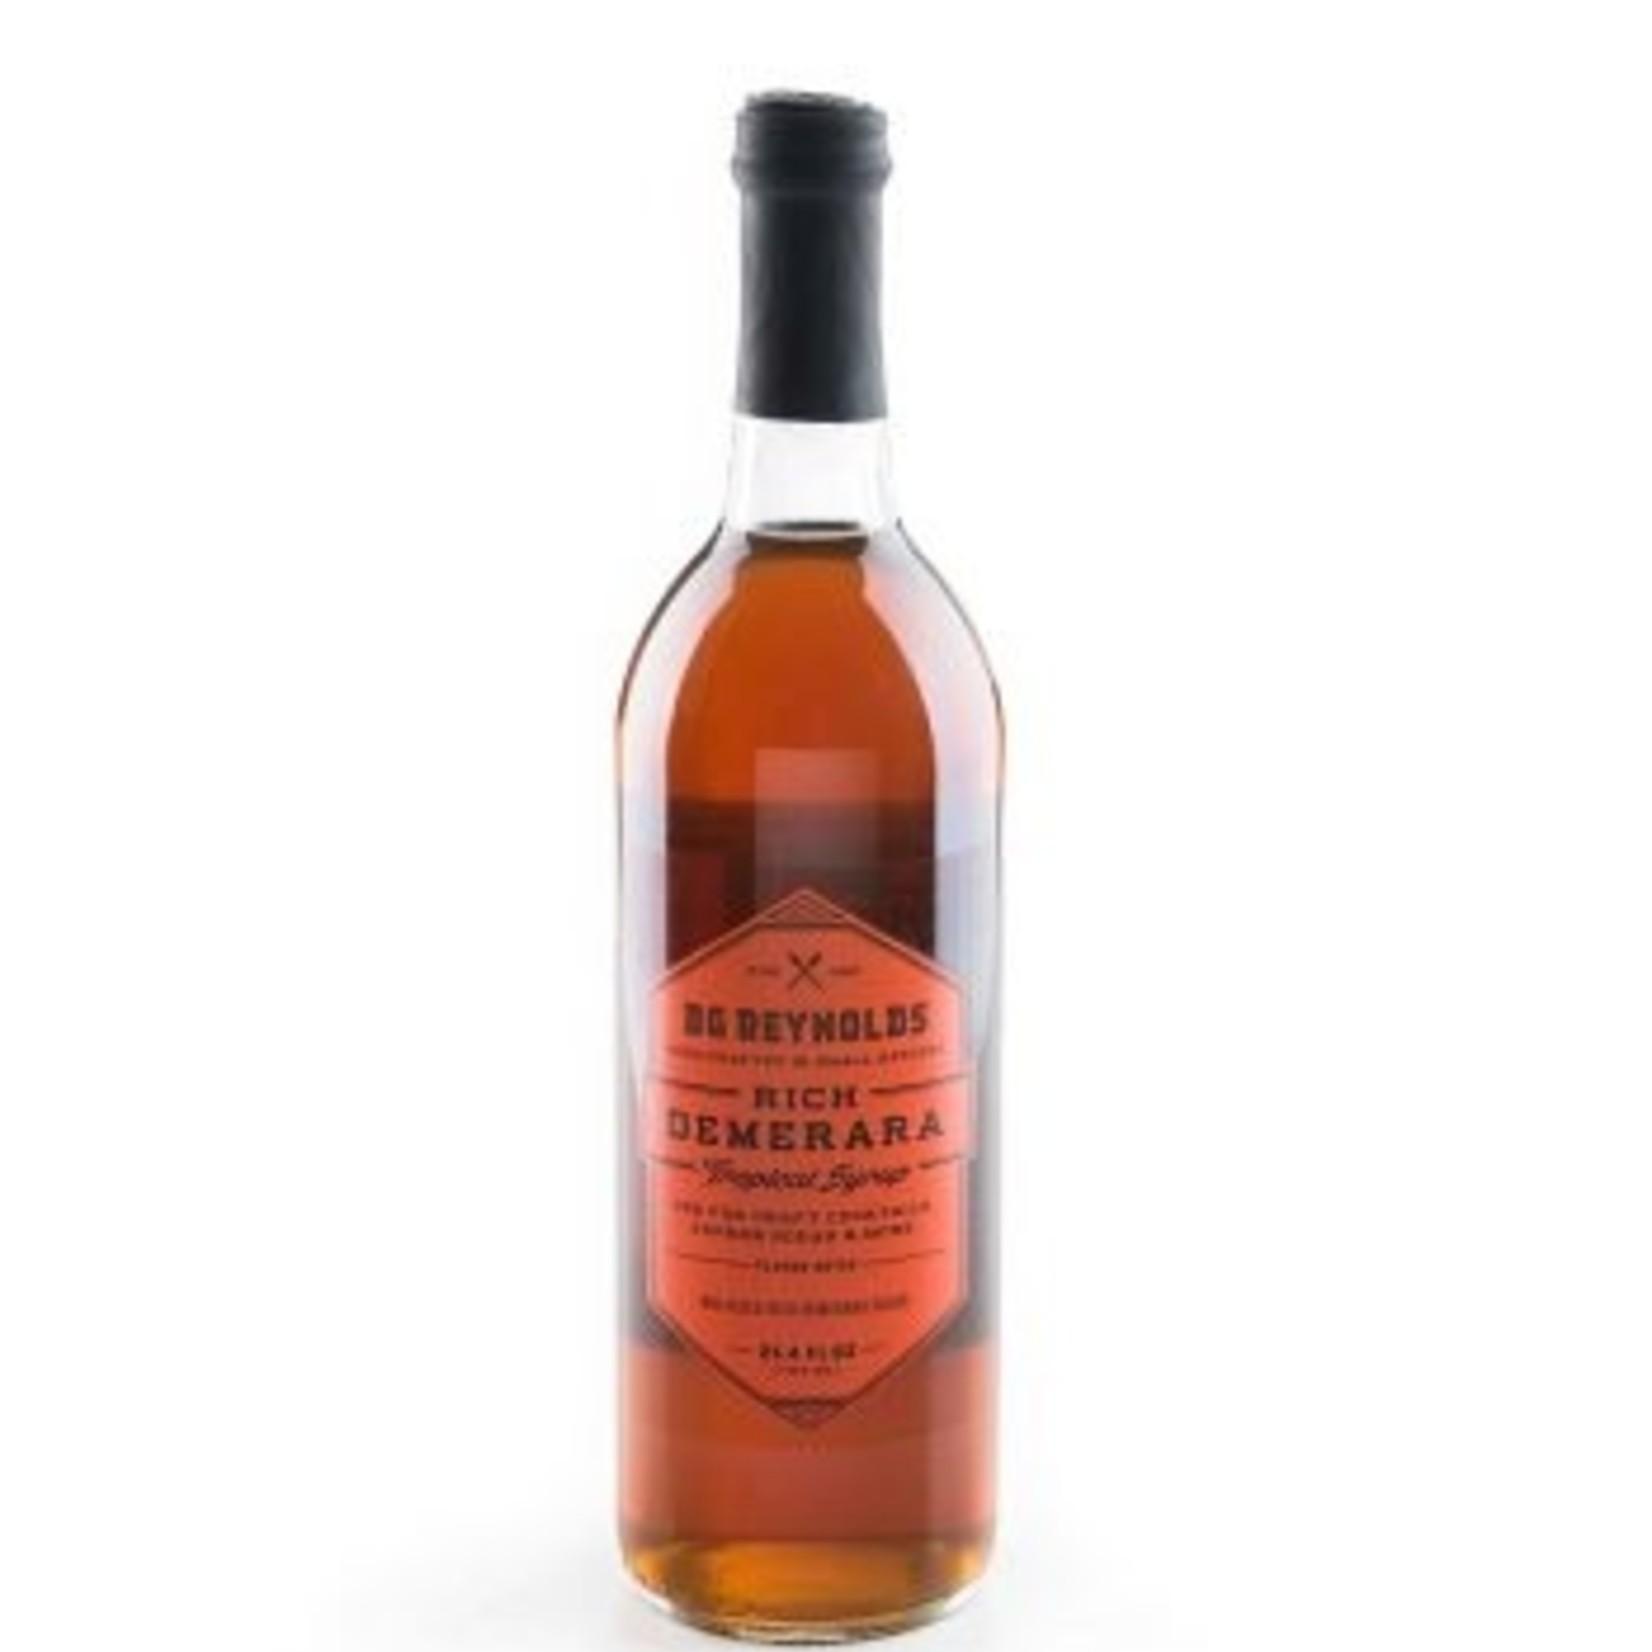 BG Reynolds BG Reynolds Syrup Rich Demerara 750 ml